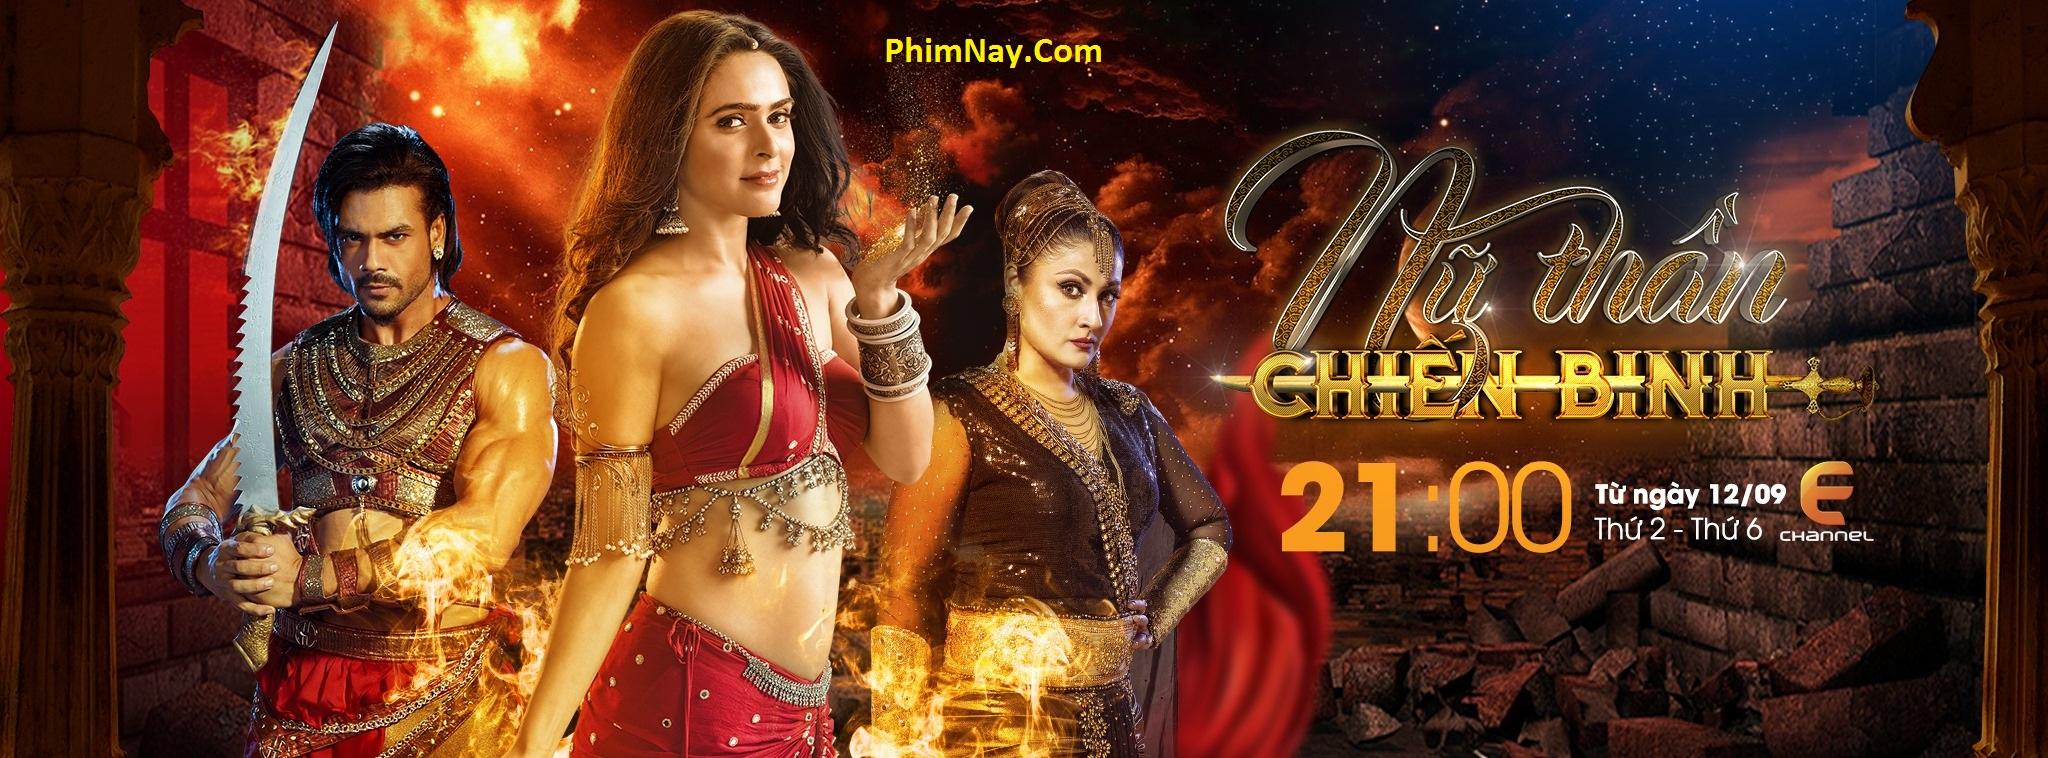 Nữ Thần Chiến Binh Ấn Độ